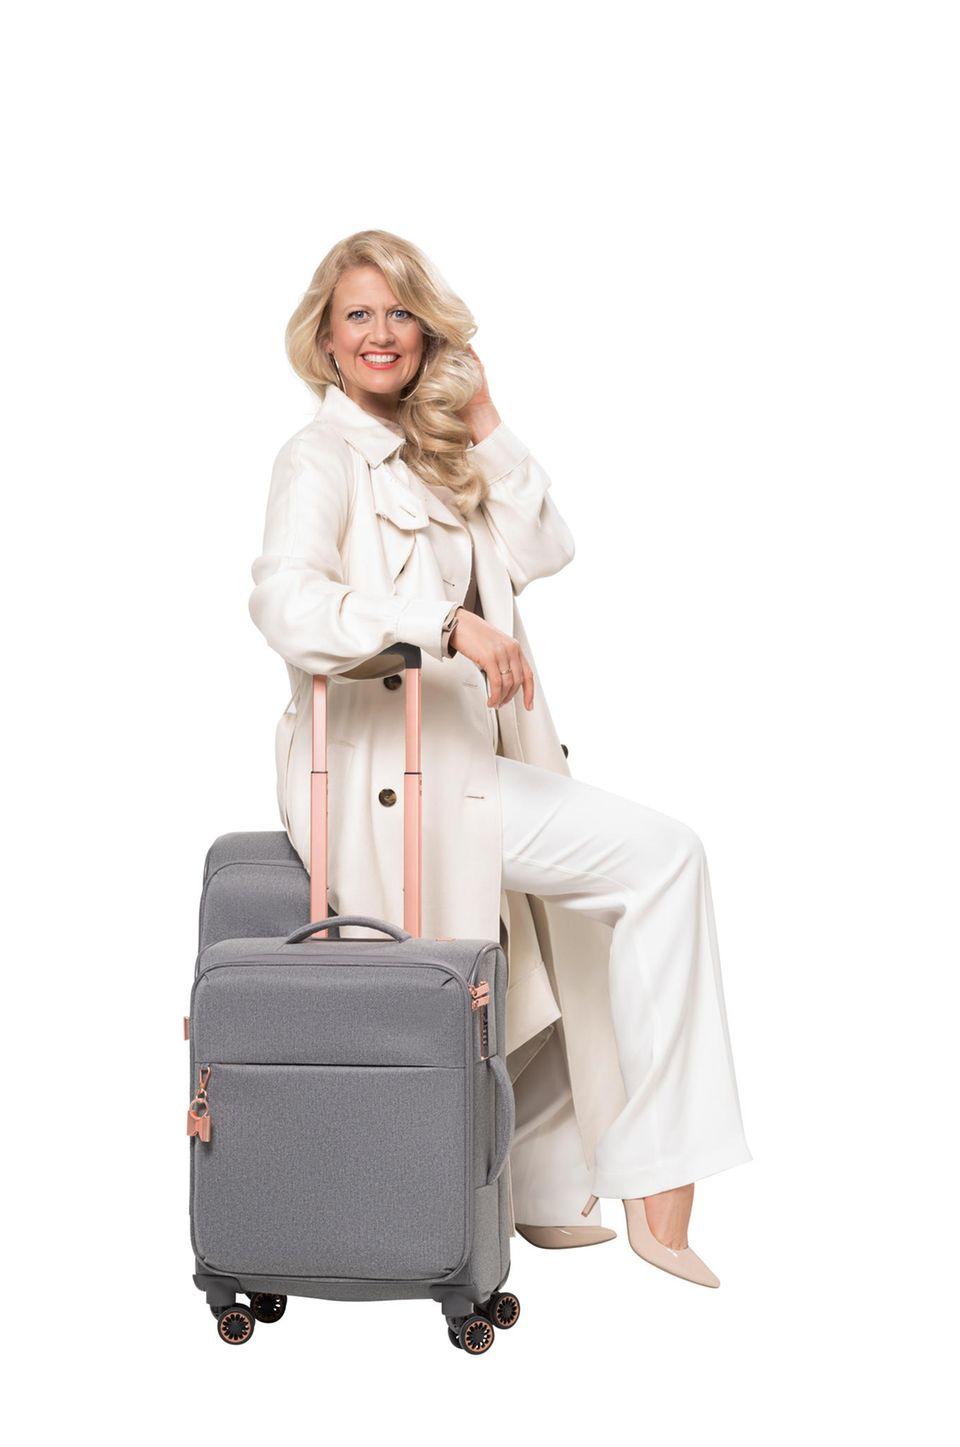 Barbara mit ihren neuen Koffern